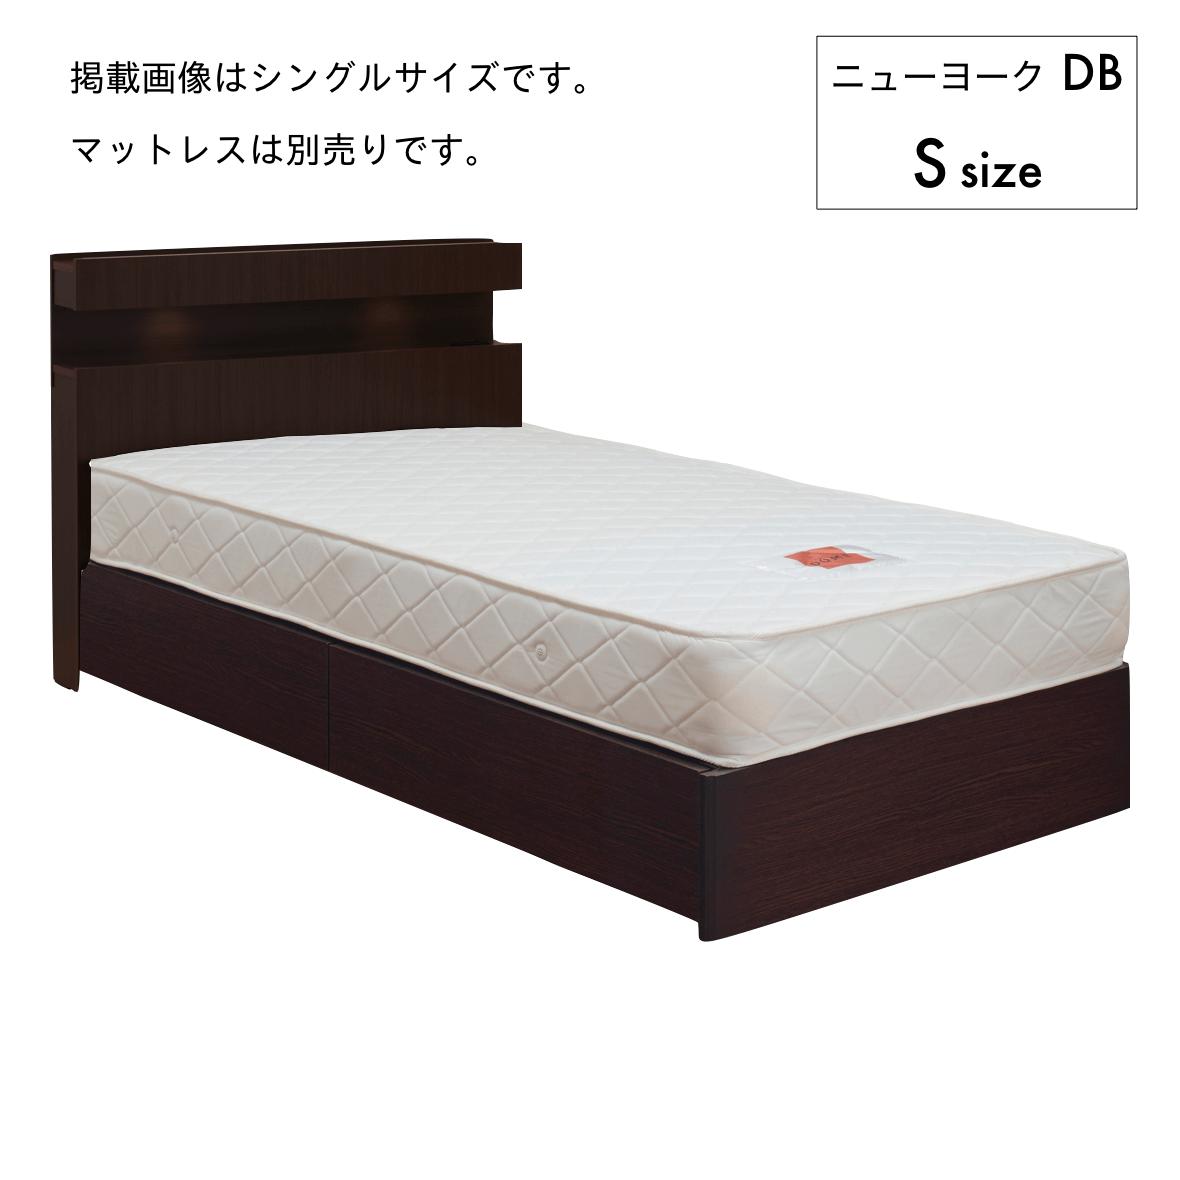 ニューヨーク DB CT MI-BA Sベッドフレーム[マットレス別売り]0